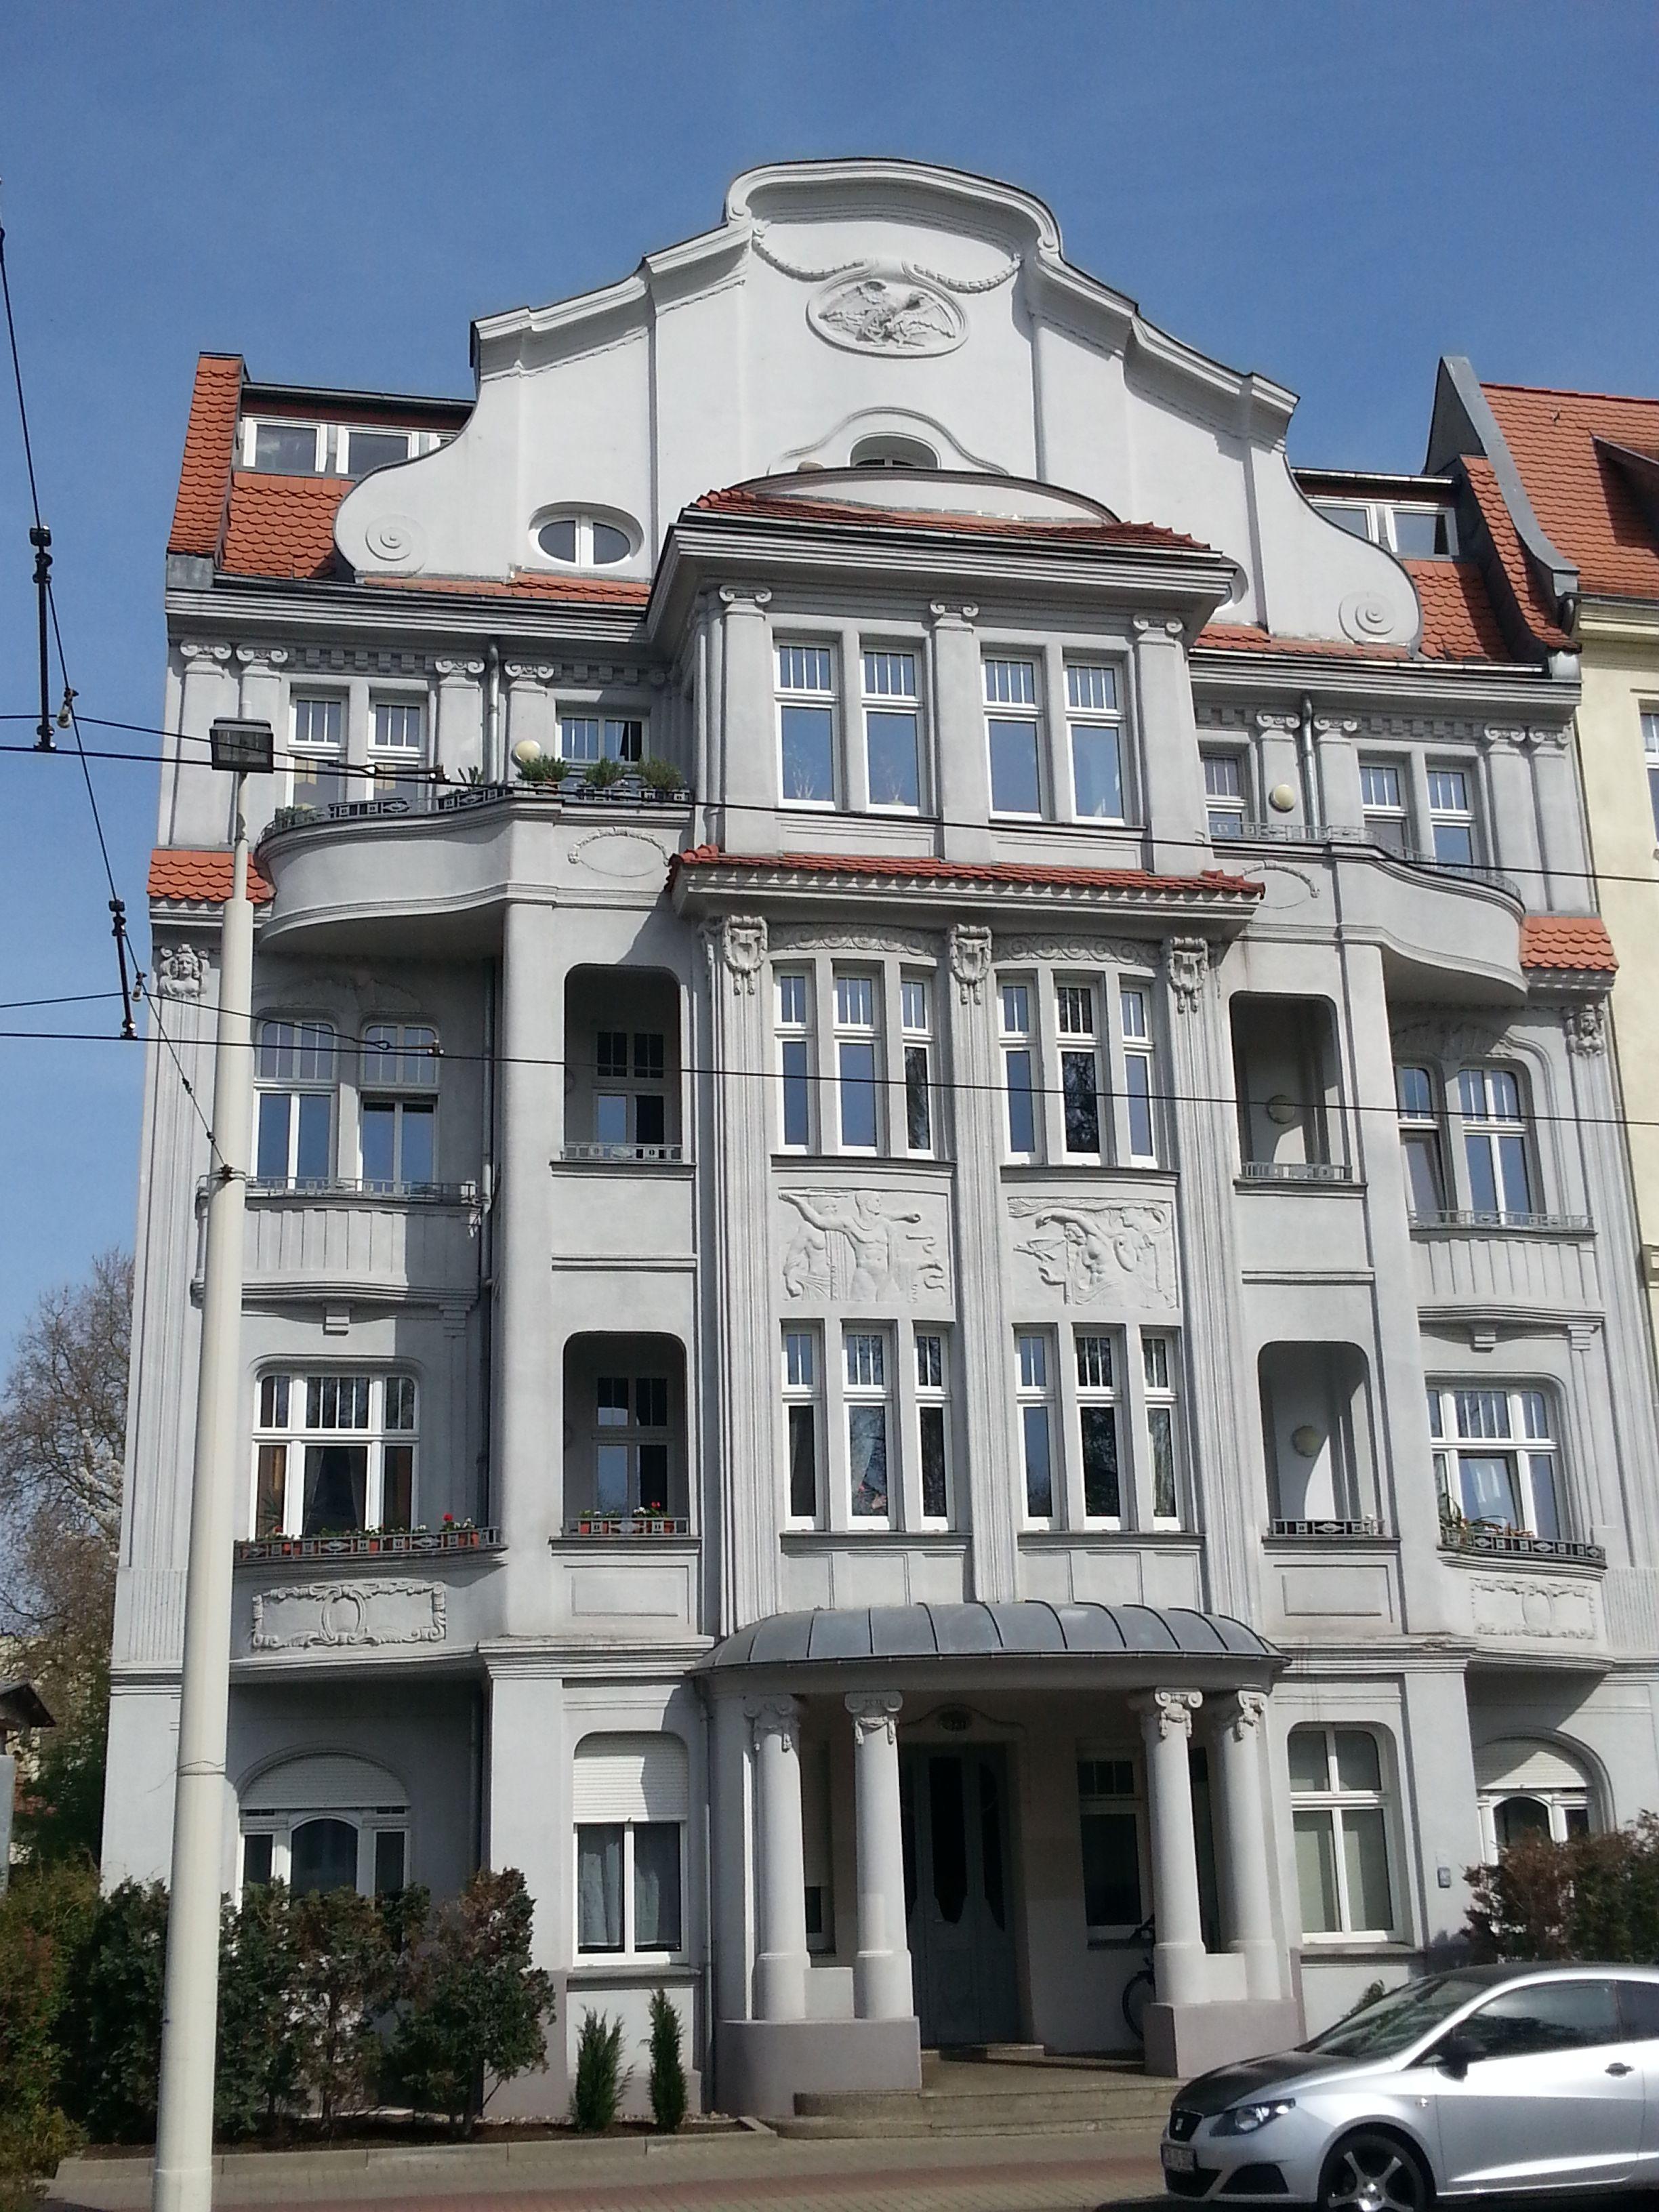 Cottbus, Berliner Straße Jugendstil architektur, Cottbus